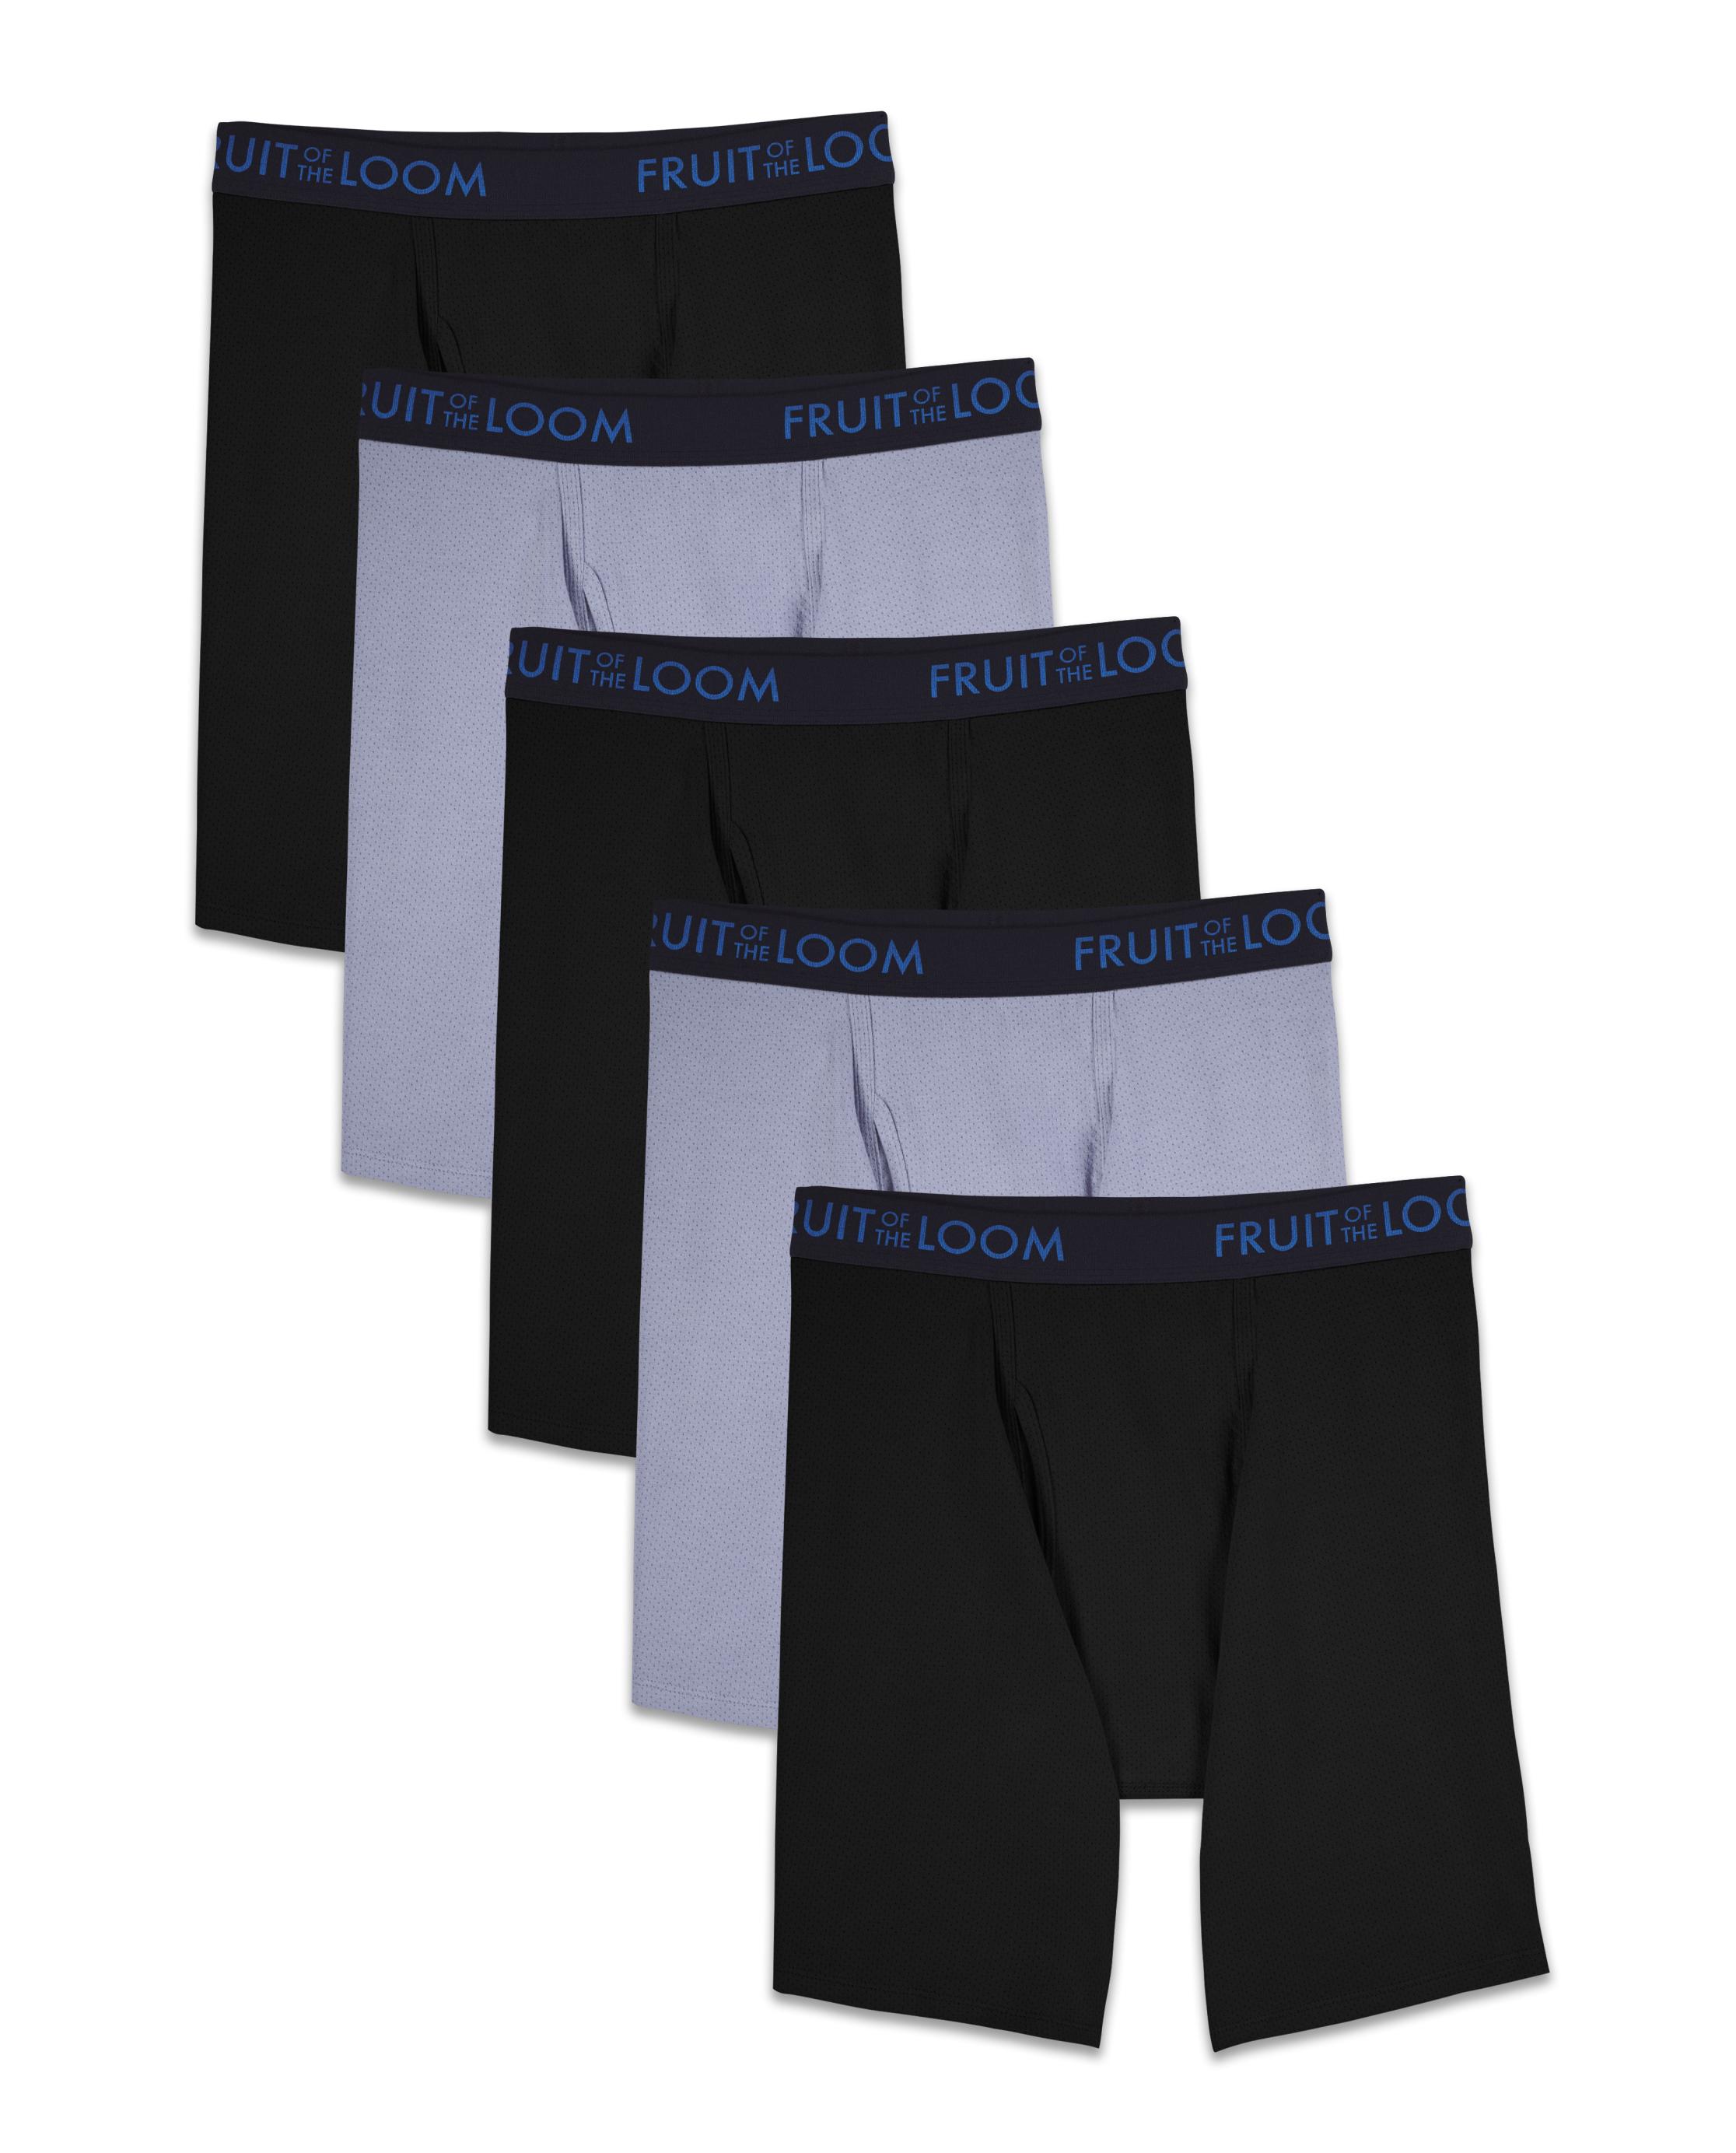 Sloth Moth Mens Comfort Stretch Seamless Boxer Briefs Underwear